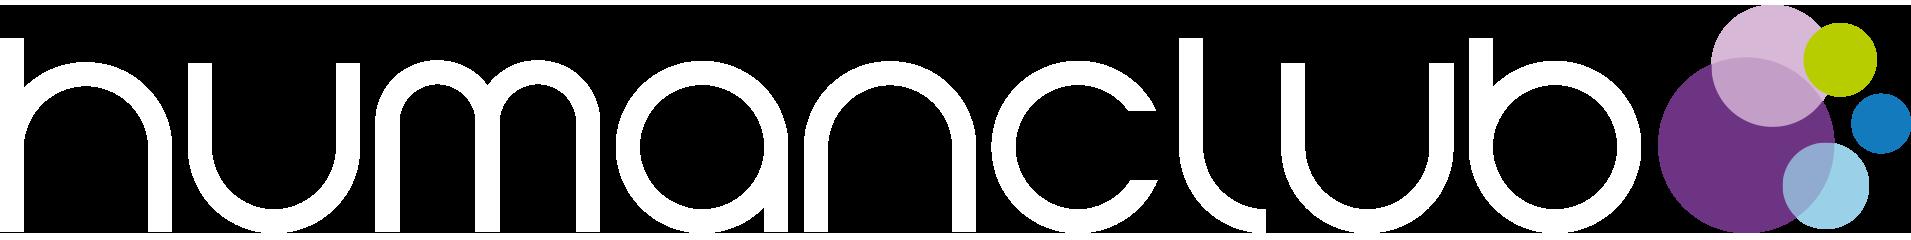 valkoinen-teksti-värillinen-pallo